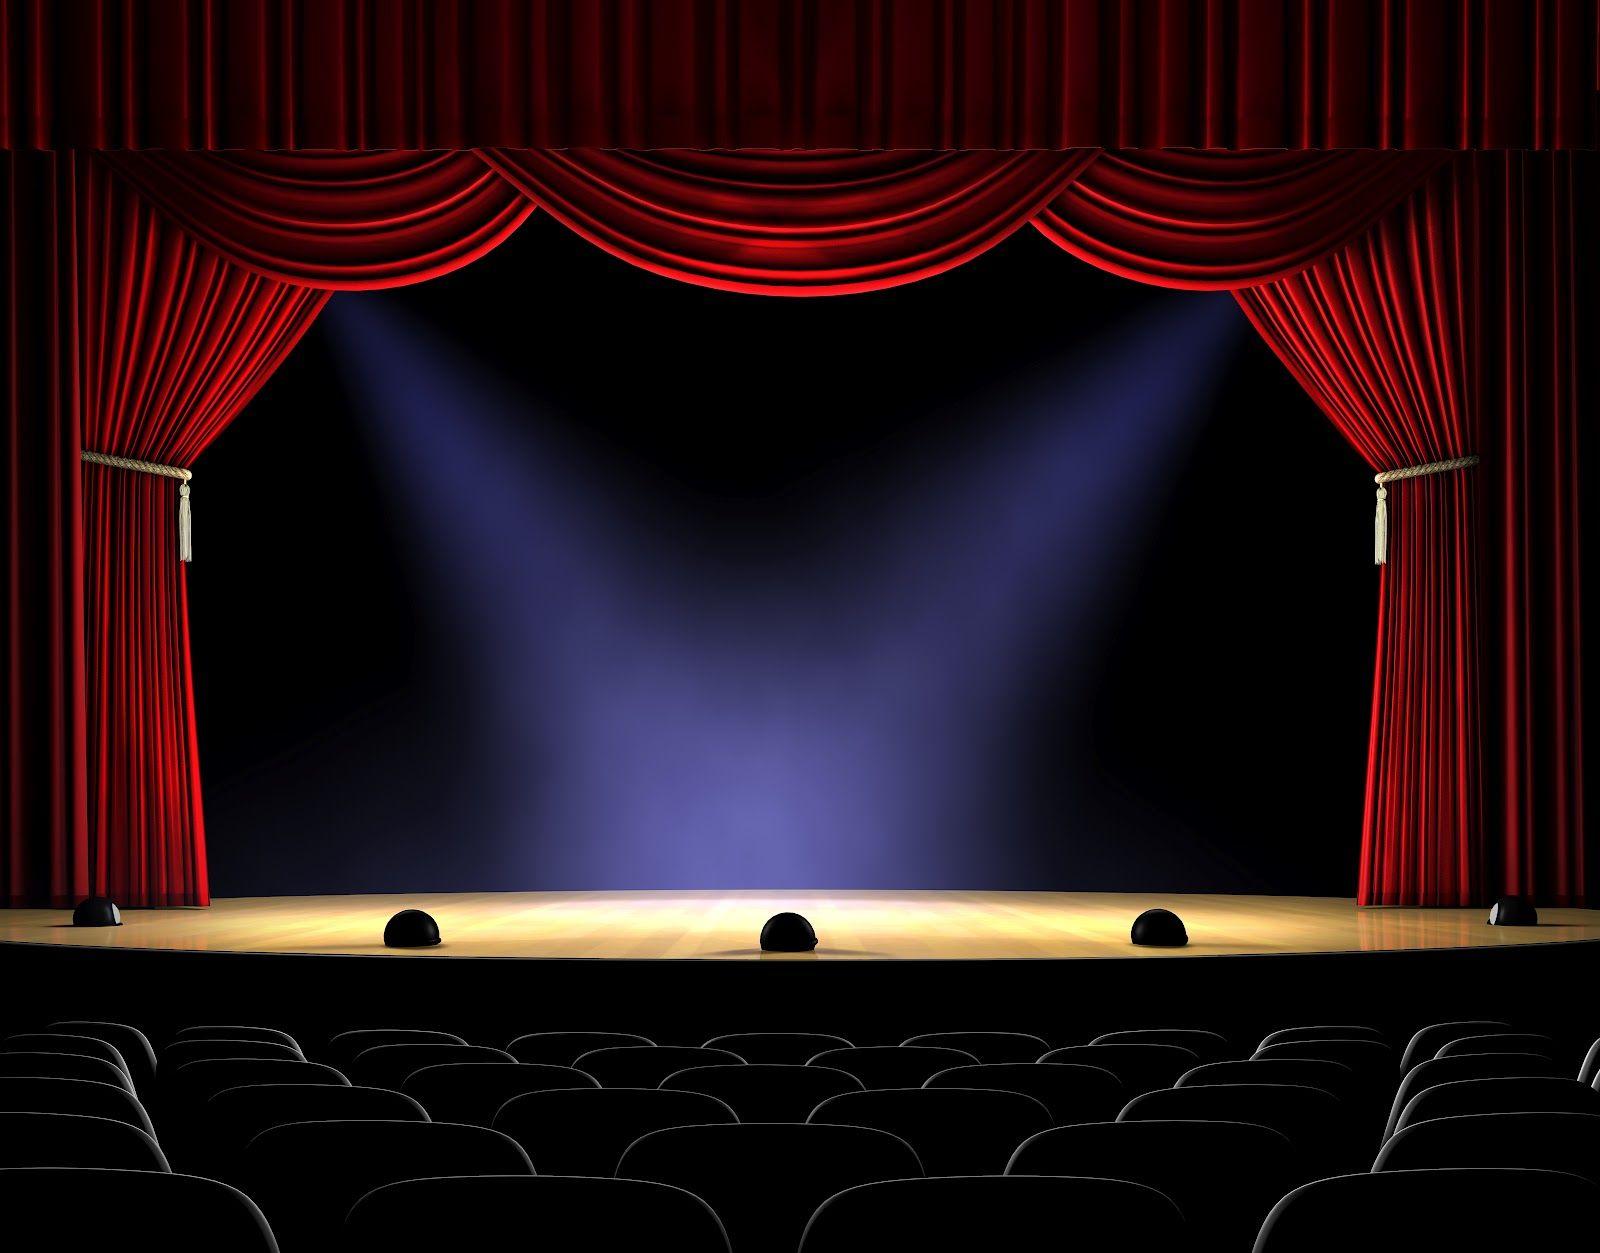 Imagenes de fondos de escenarios